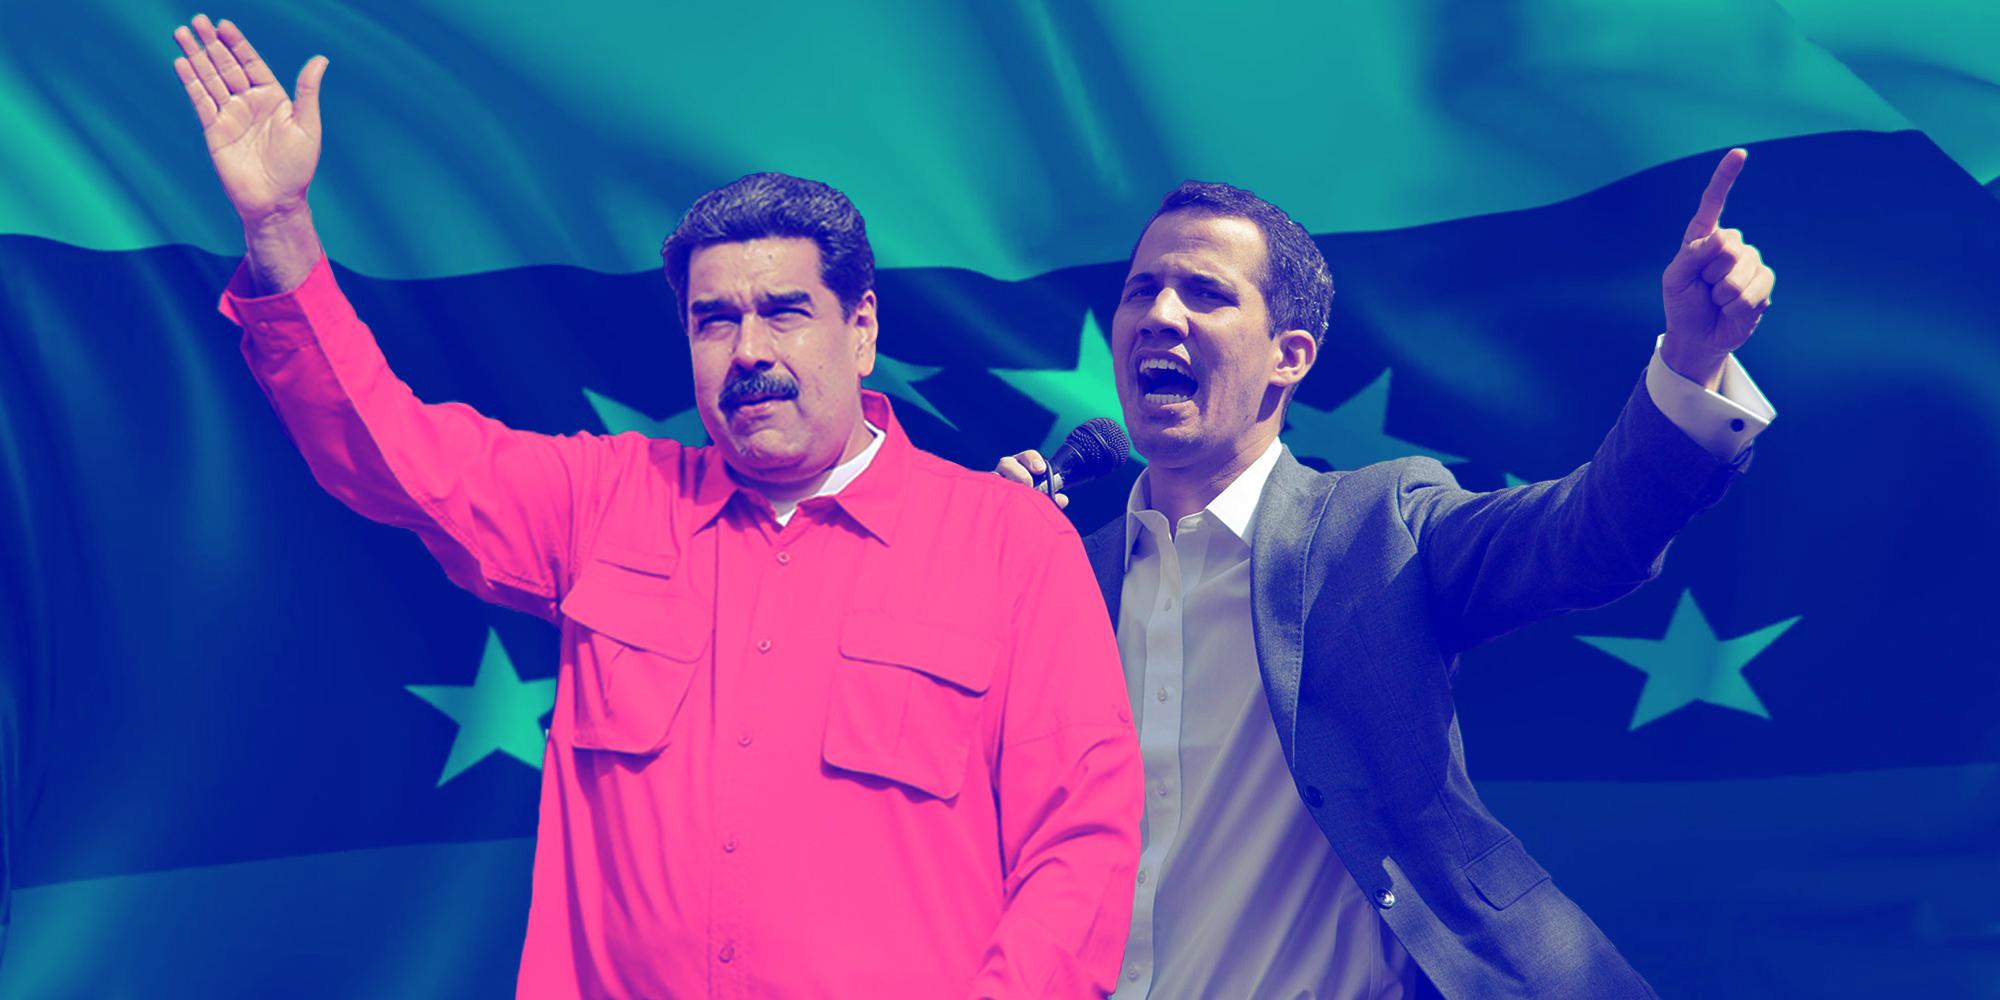 Foto Qué está pasando Venezuela Maduro Guaidó 24 de enero 2019